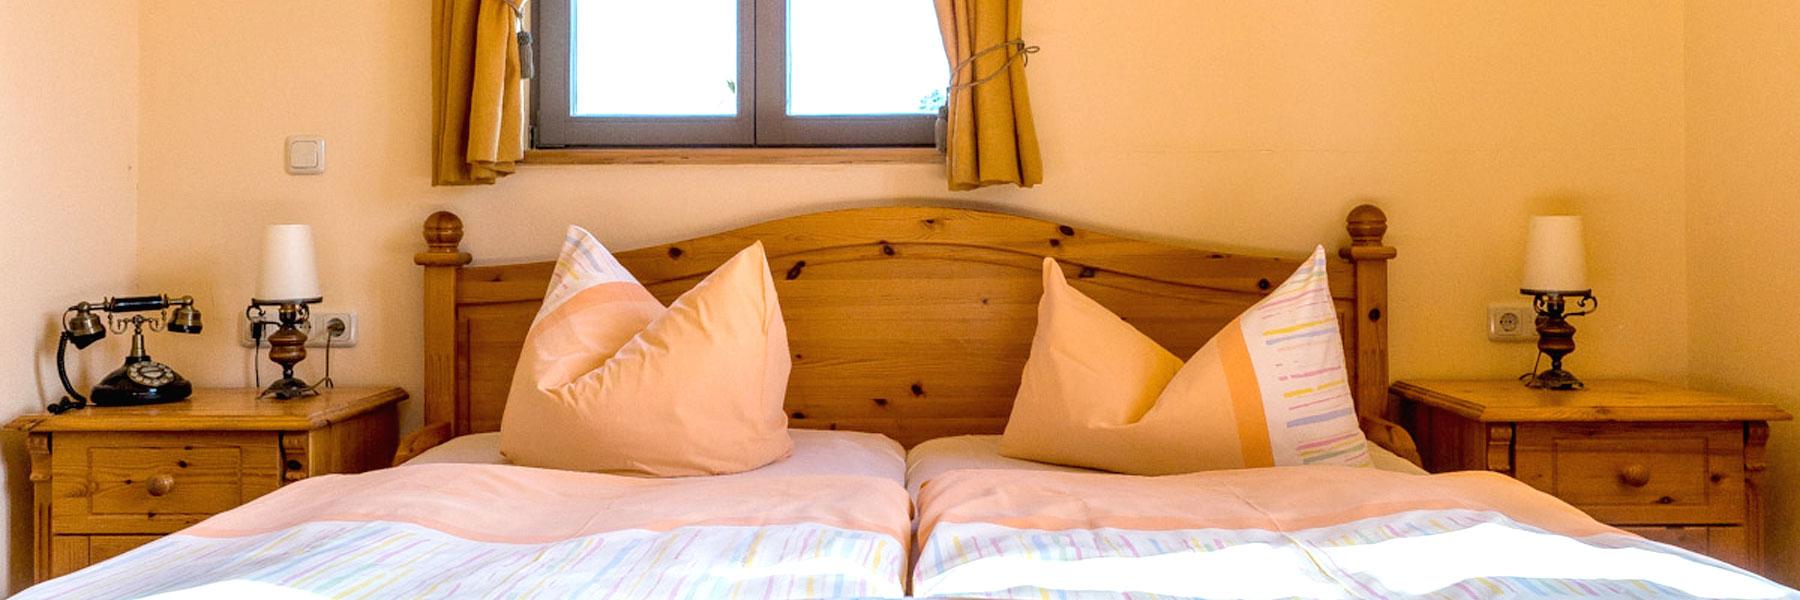 Schlafzimmer mit Doppelbett - Landhotel Zur Scheune